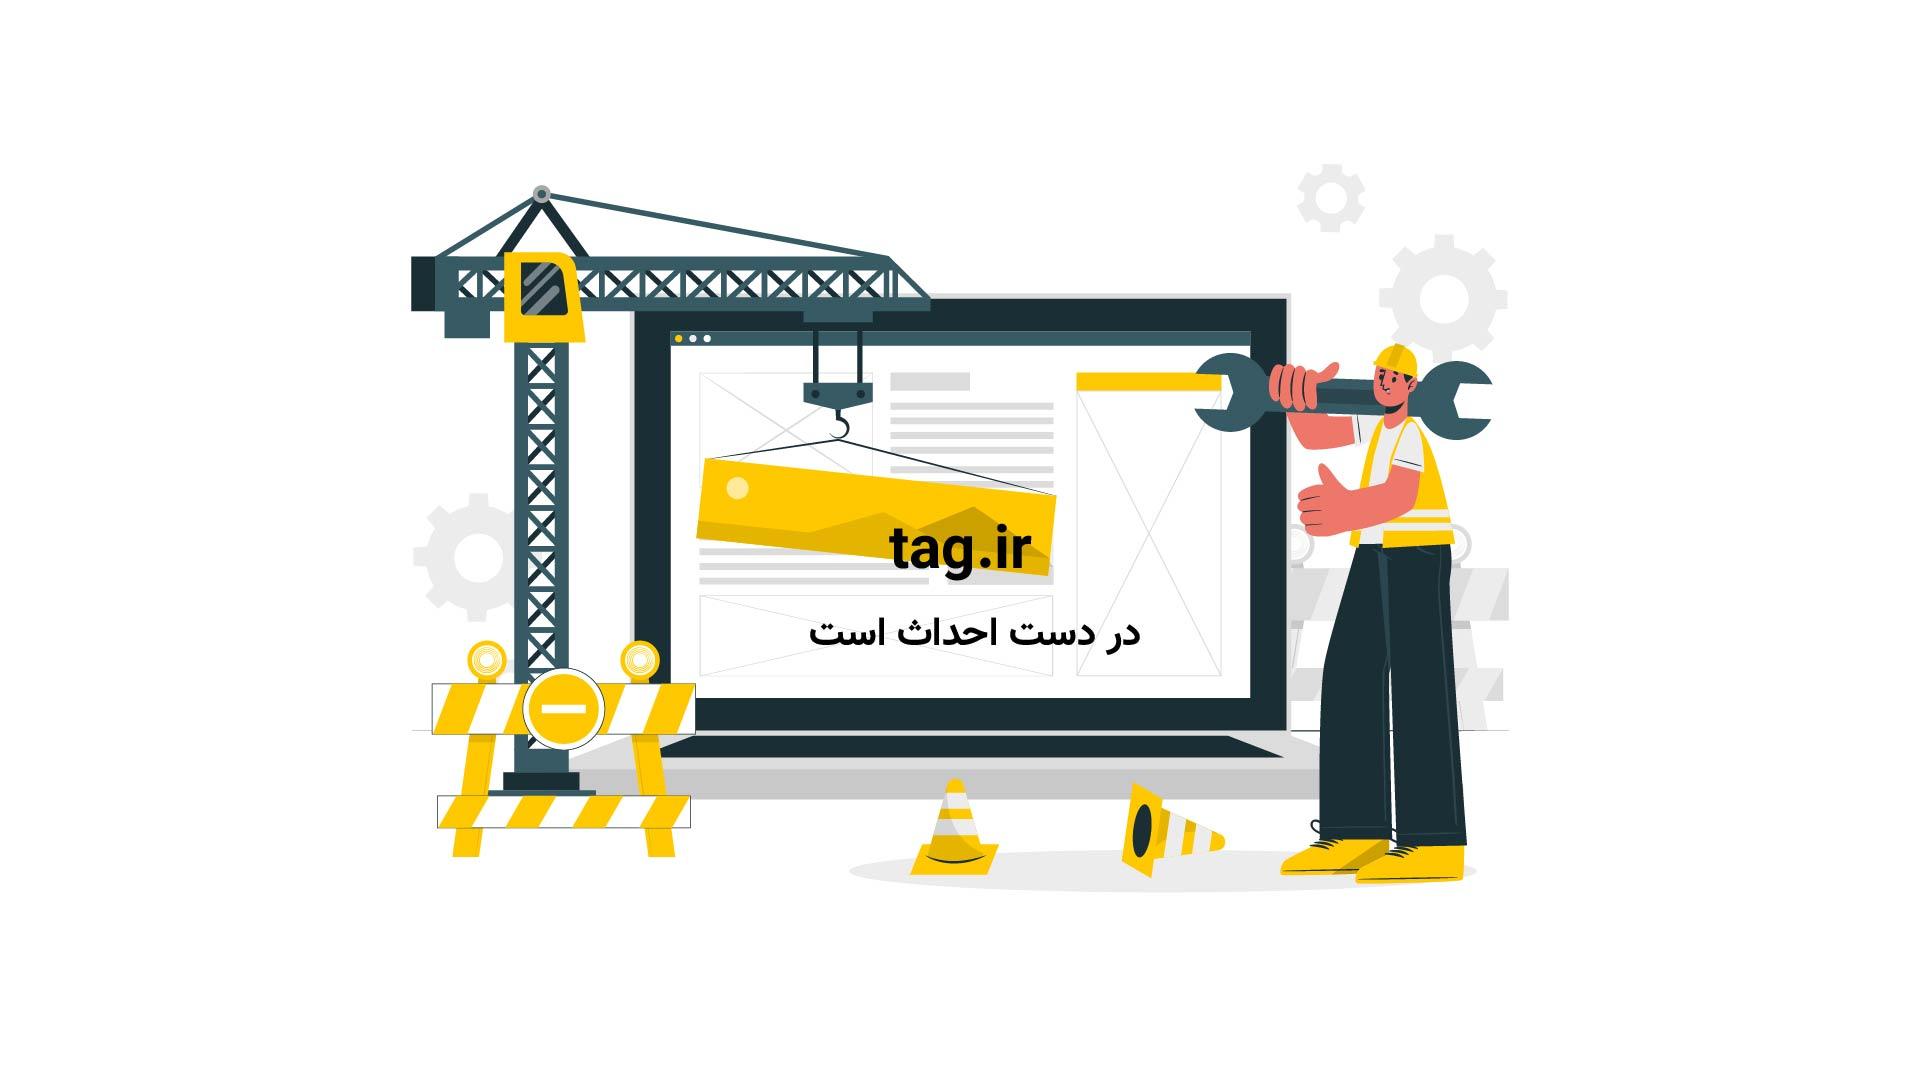 تکنیک نقاشی با آبرنگ؛ آموزش کشیدن ابرهای پنبه ای | فیلم